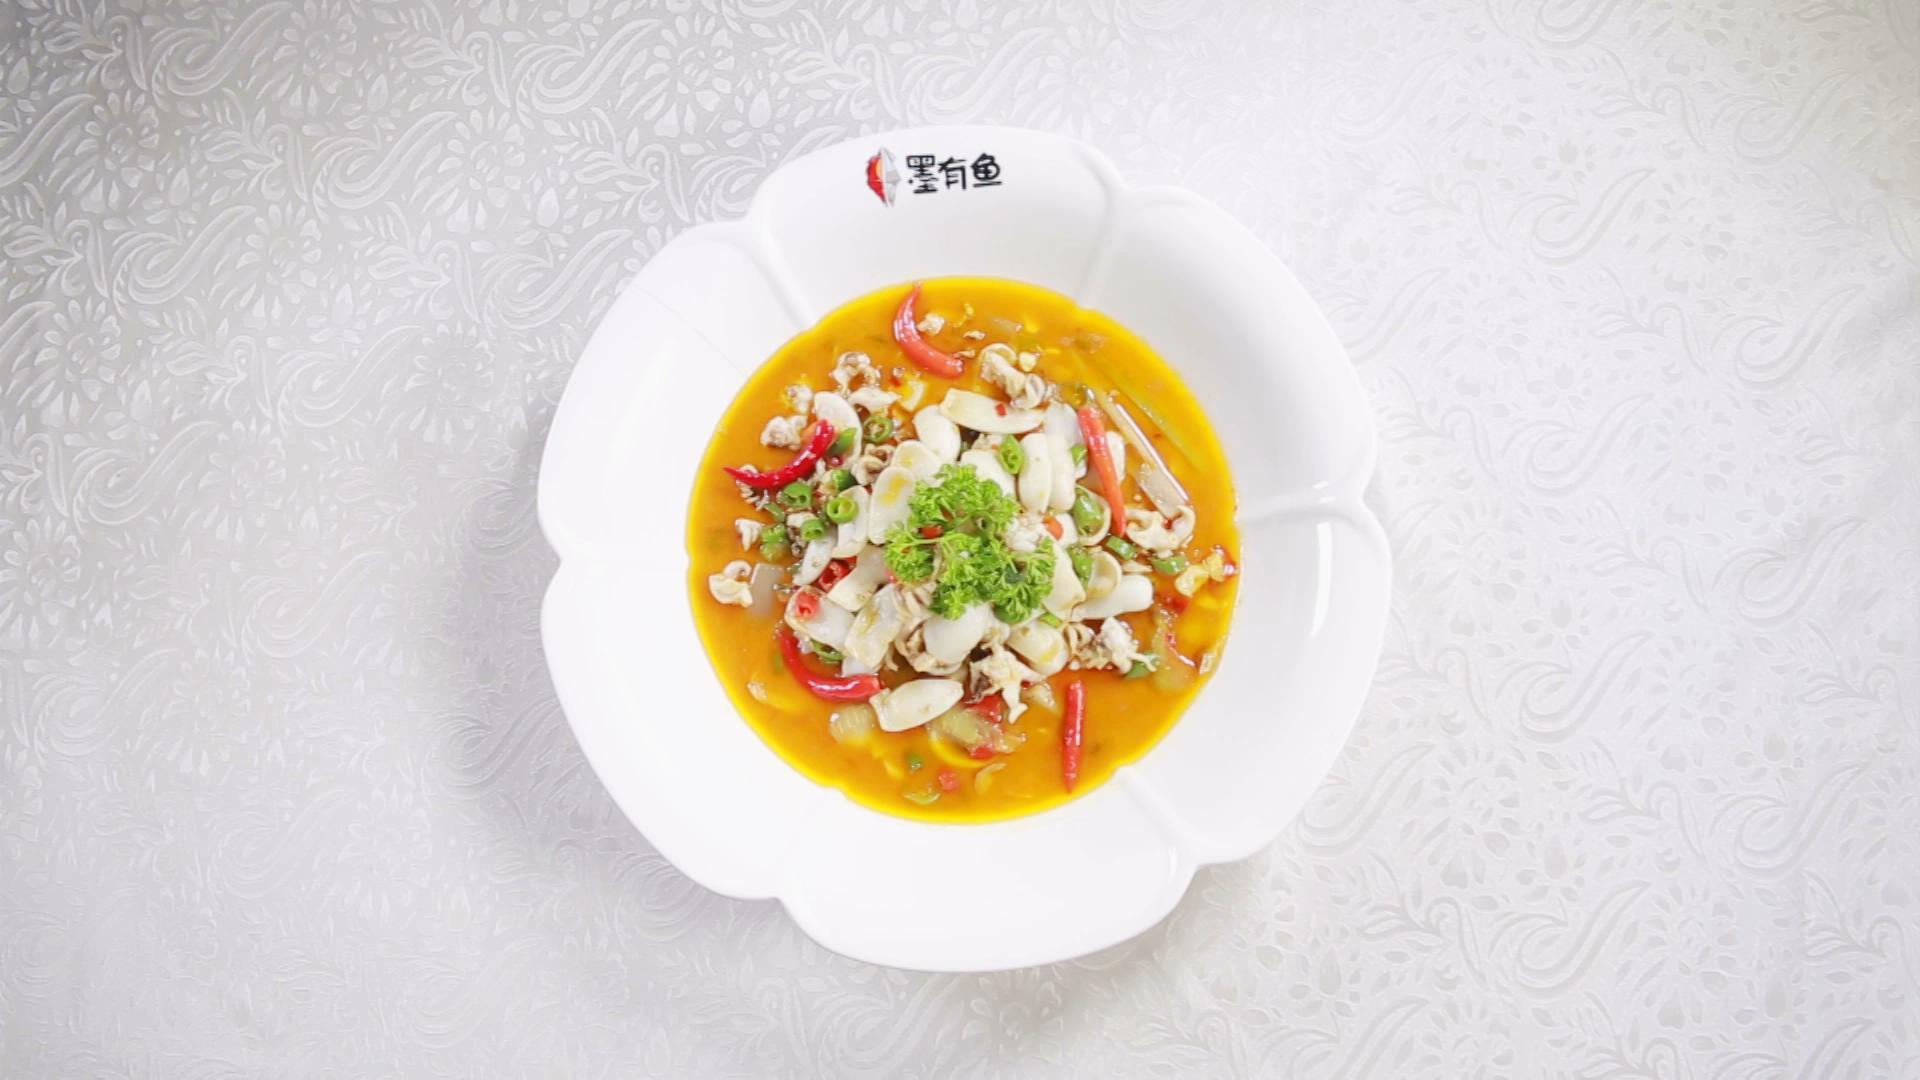 创意美食酸菜鱼烹饪视频素材